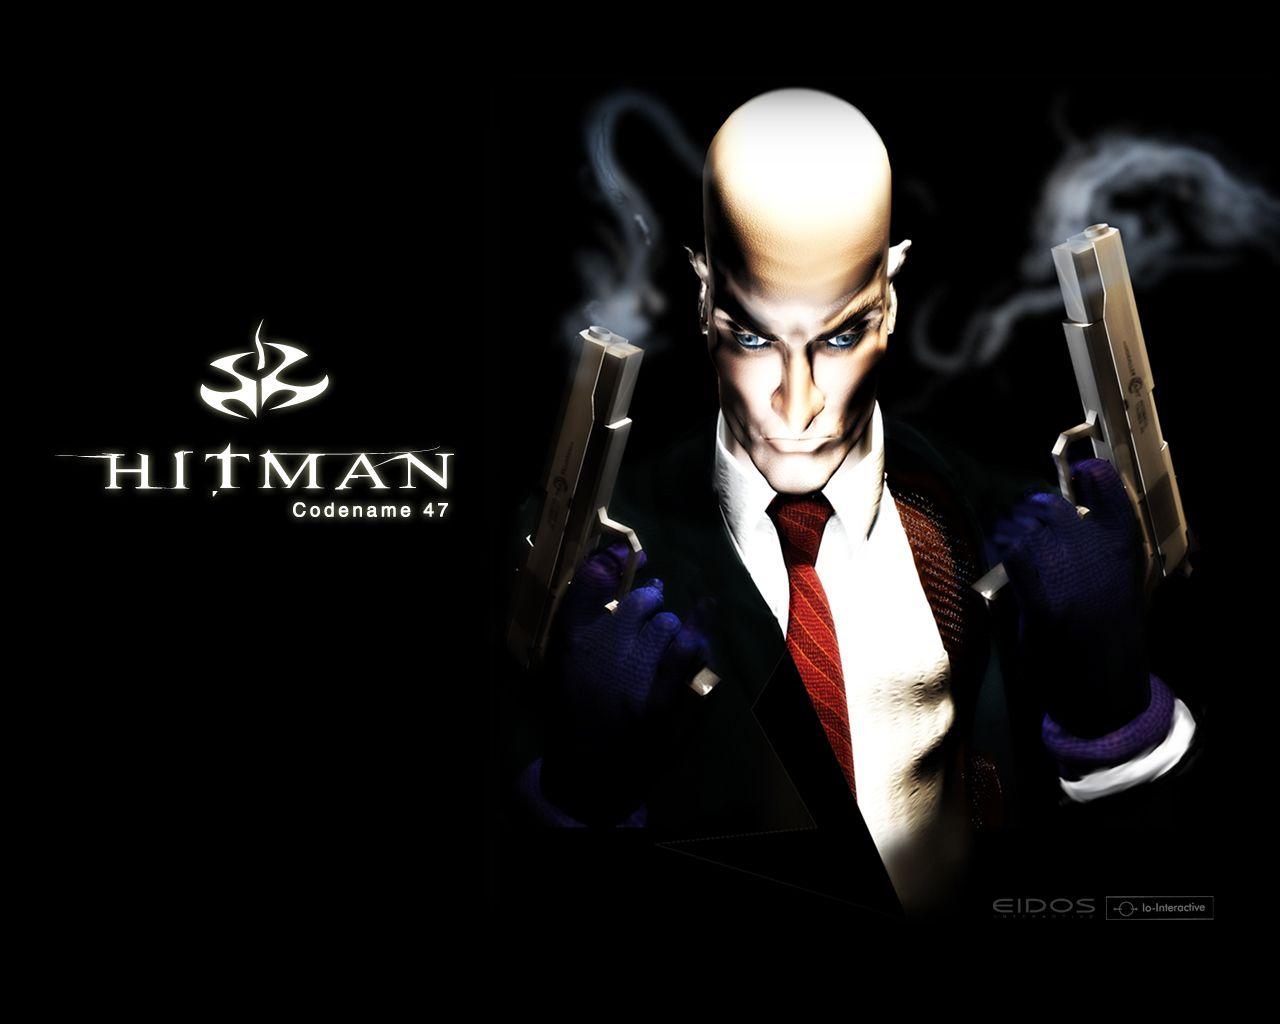 تحميل لعبة هيتمان الجزء الأول - Hitman: Codename 47